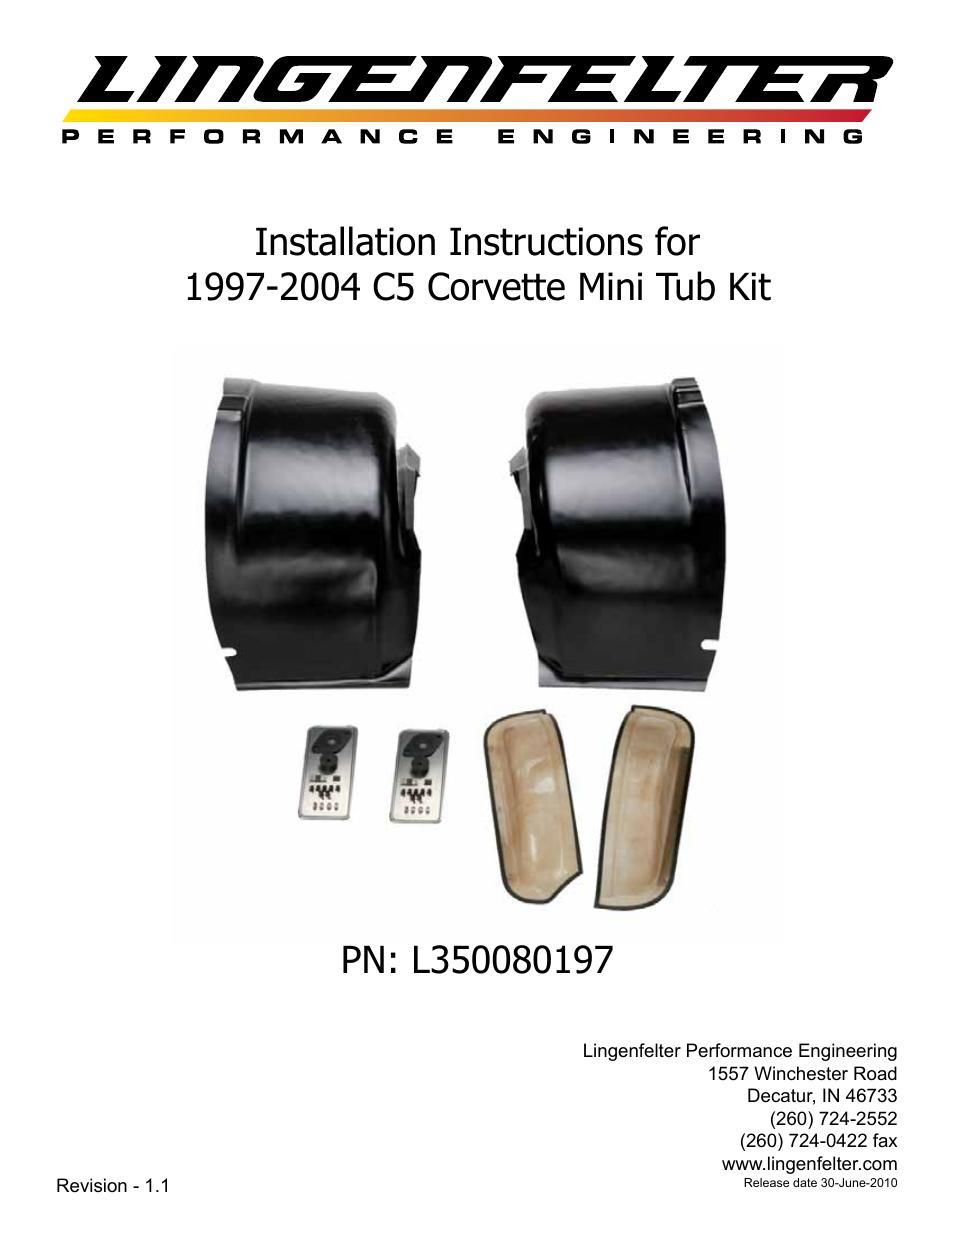 Lingenfelter L350080197 Lingenfelter C5 Corvette Mini Tub Kit User ...